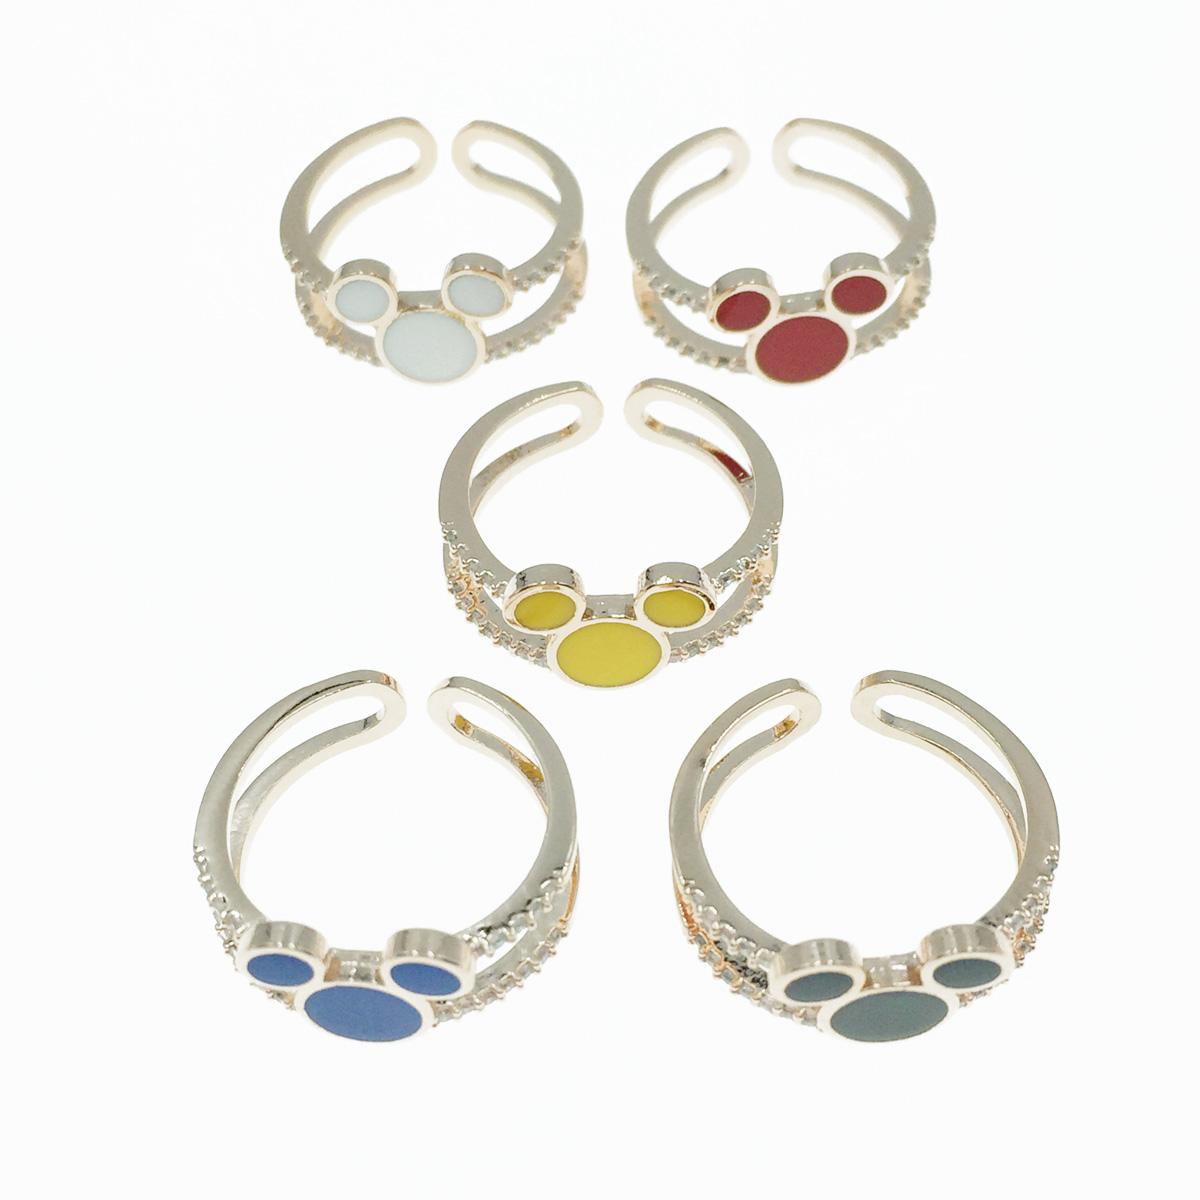 韓國 迪士尼 米奇 雙環圈 水鑽 玫瑰金 5色 可調式戒指